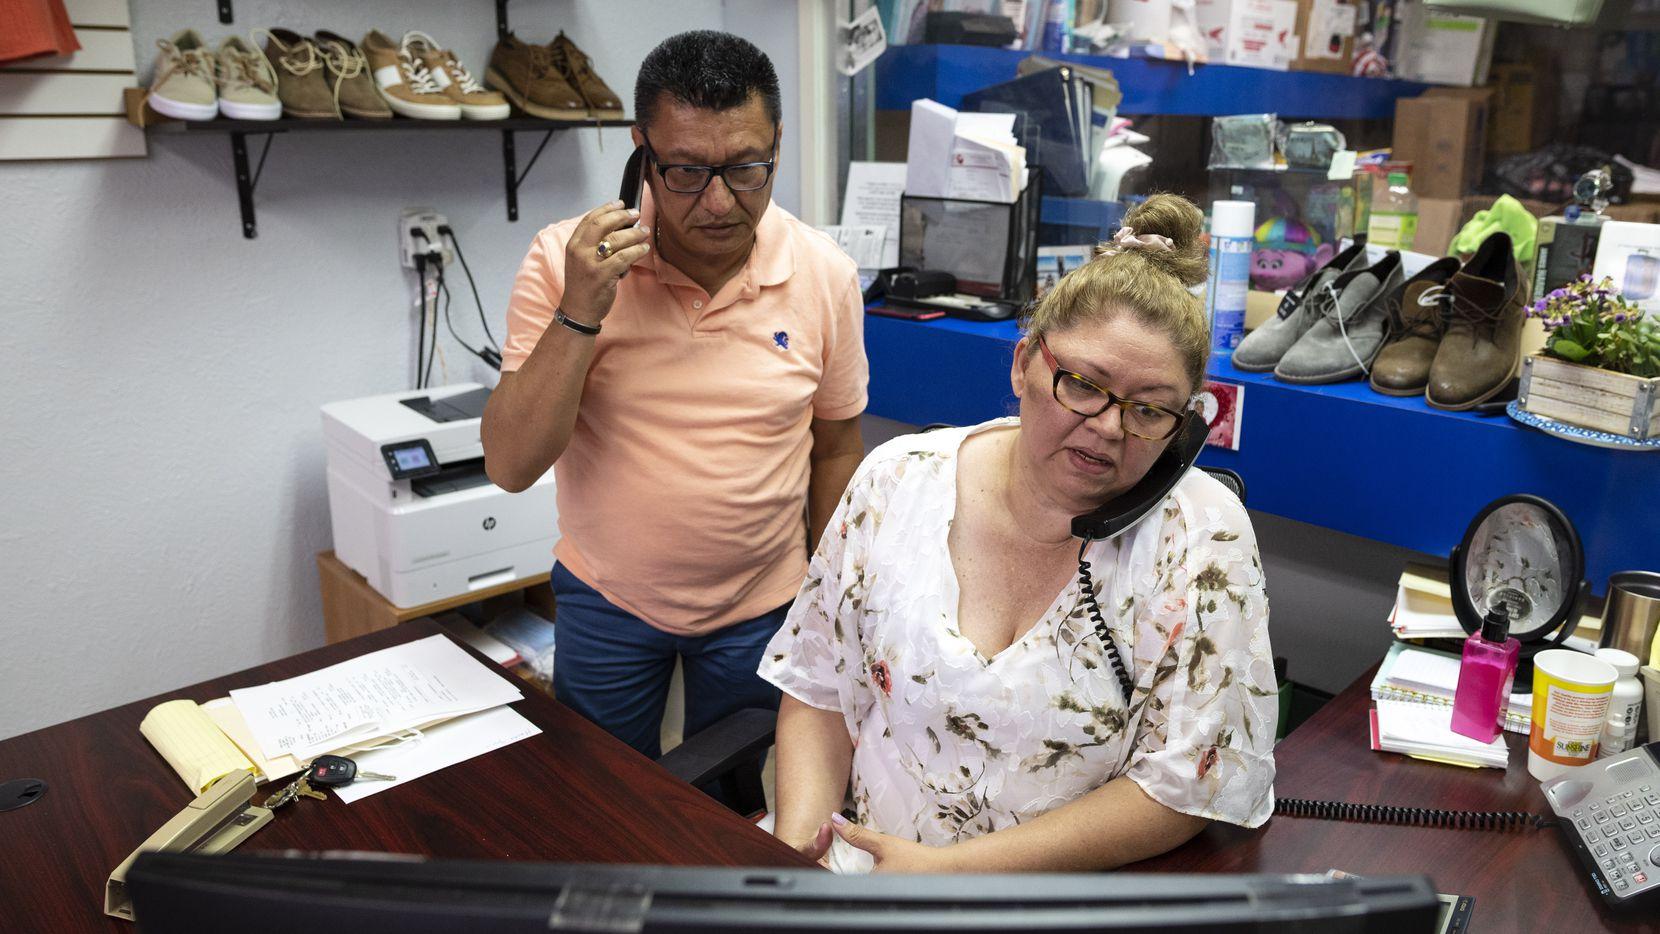 Cristóbal Ortega (izq.)y su esposa Mayra García, dueños de Hispano Travel y MEC Fashion, hablan con clientes acerca de sus planes de viaje a Latinoamérica. El negocio se ha recuperado en un 50 a 60% tras haber tenido que incluso estar cerrado varios meses durante la pandemia.